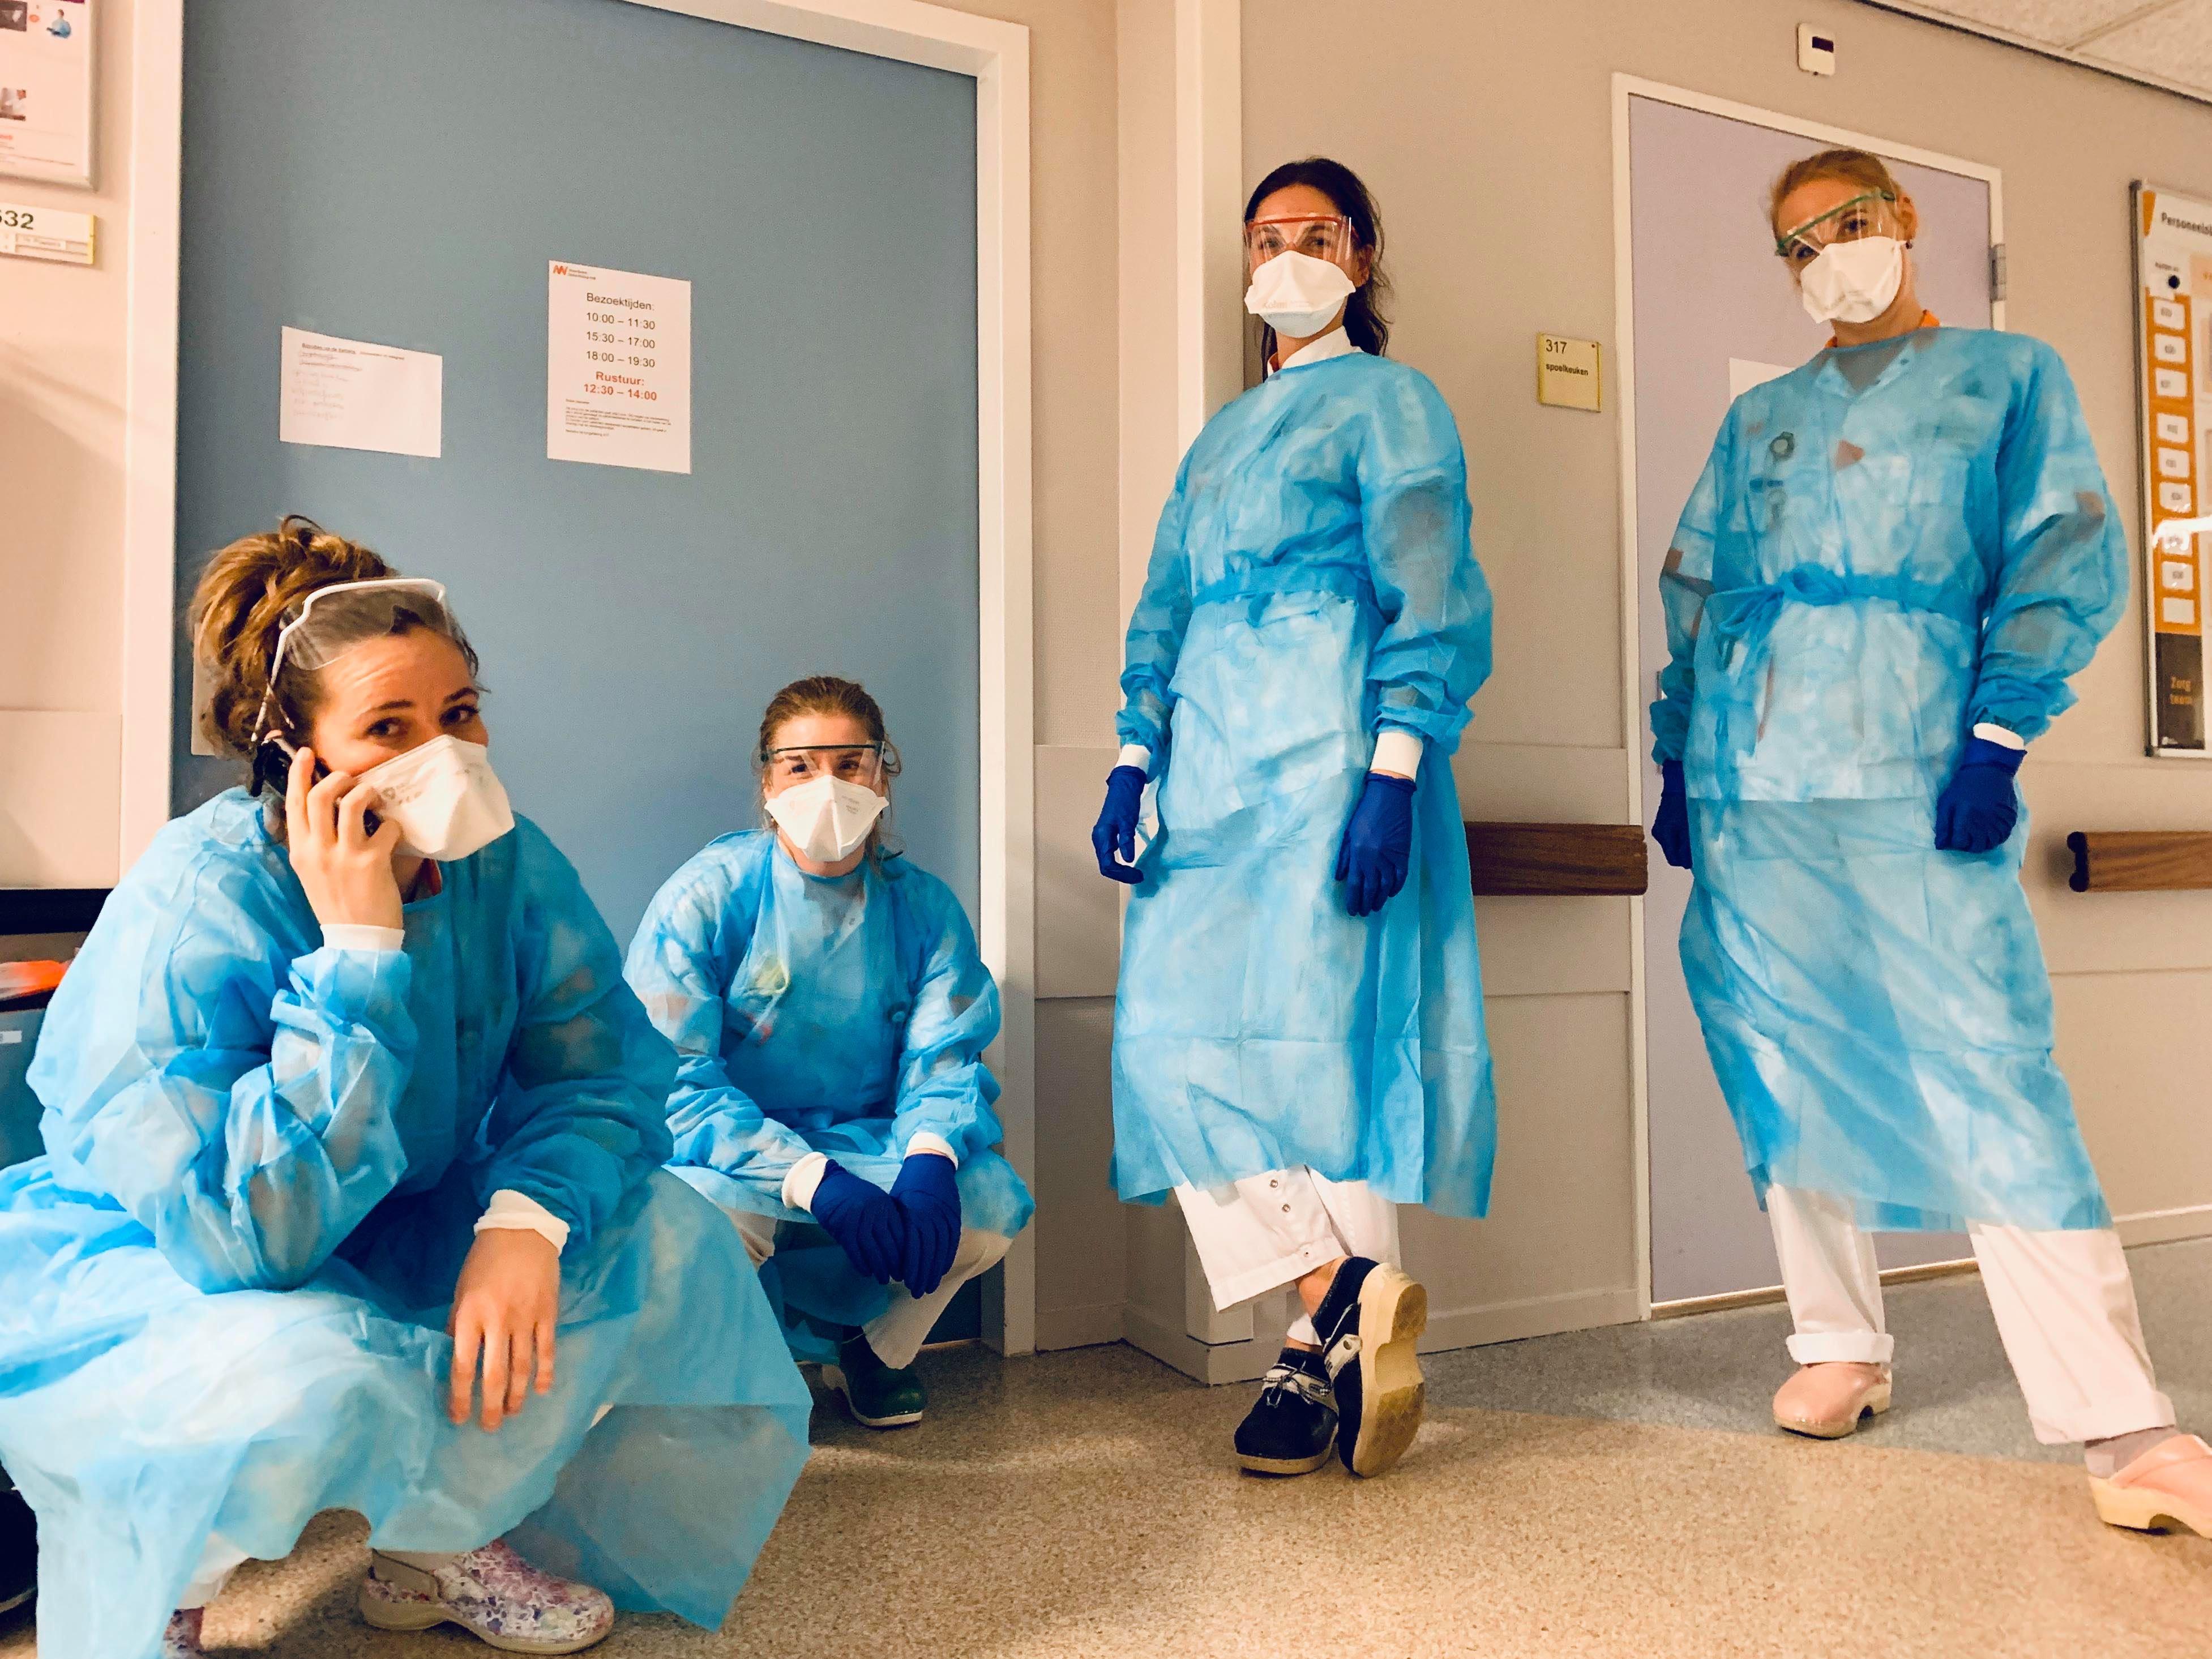 Longverpleegkundige geeft in Facebookboodschap blik op coronarealiteit in Alkmaars ziekenhuis: 'De avond… waarop we er alles aan zullen doen om u, uw moeder of vader te verplegen of zelfs het leven te redden'